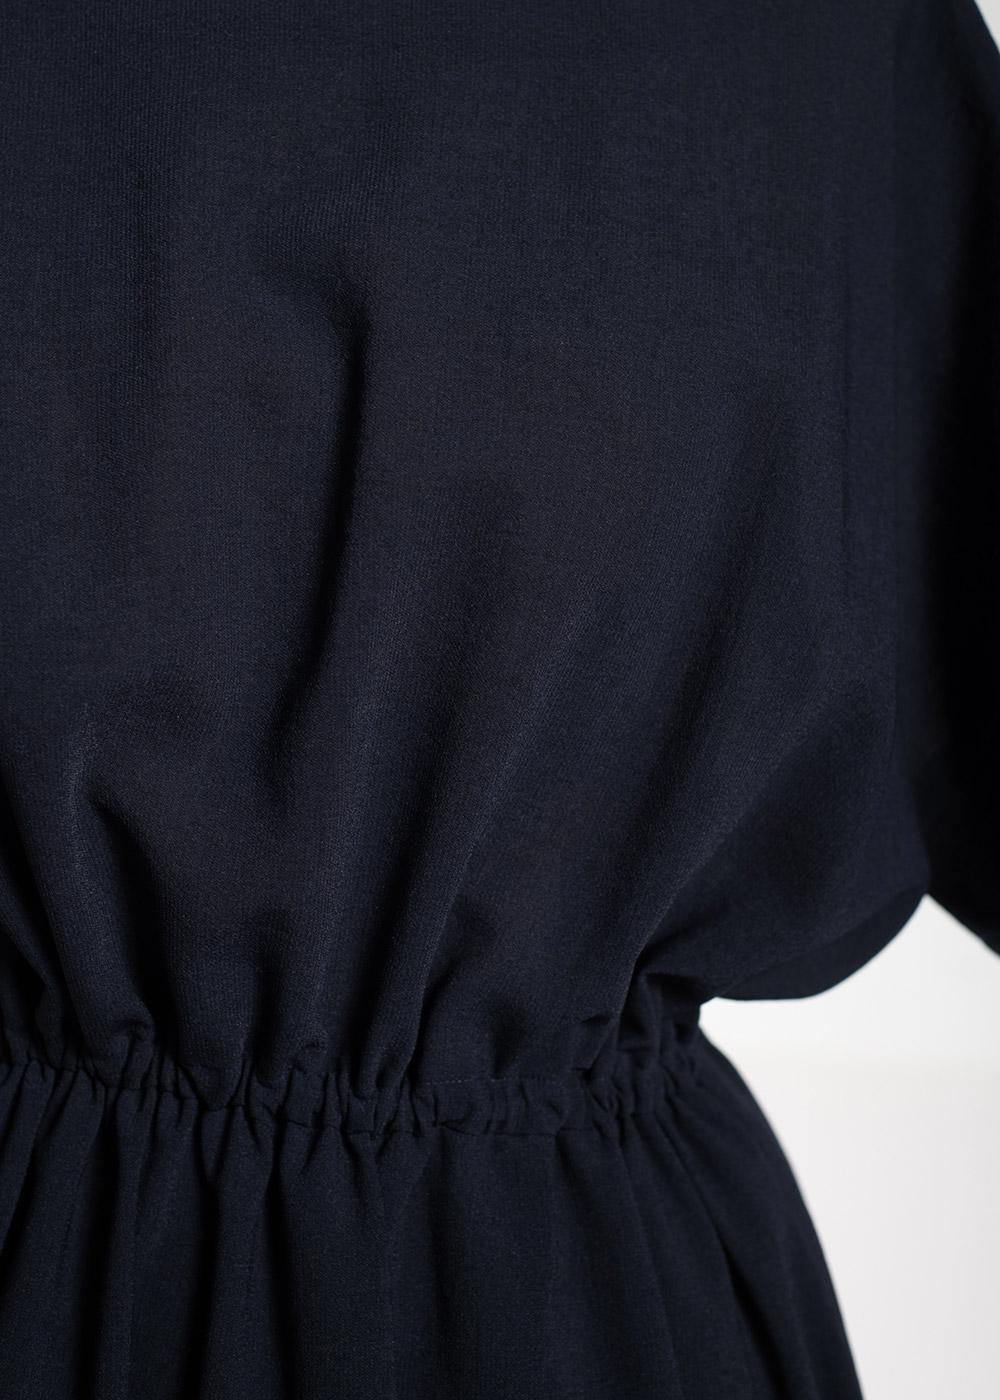 かりゆしウェア(沖縄版アロハシャツ) MAJUN - 琉球グローリア(ワンピース)